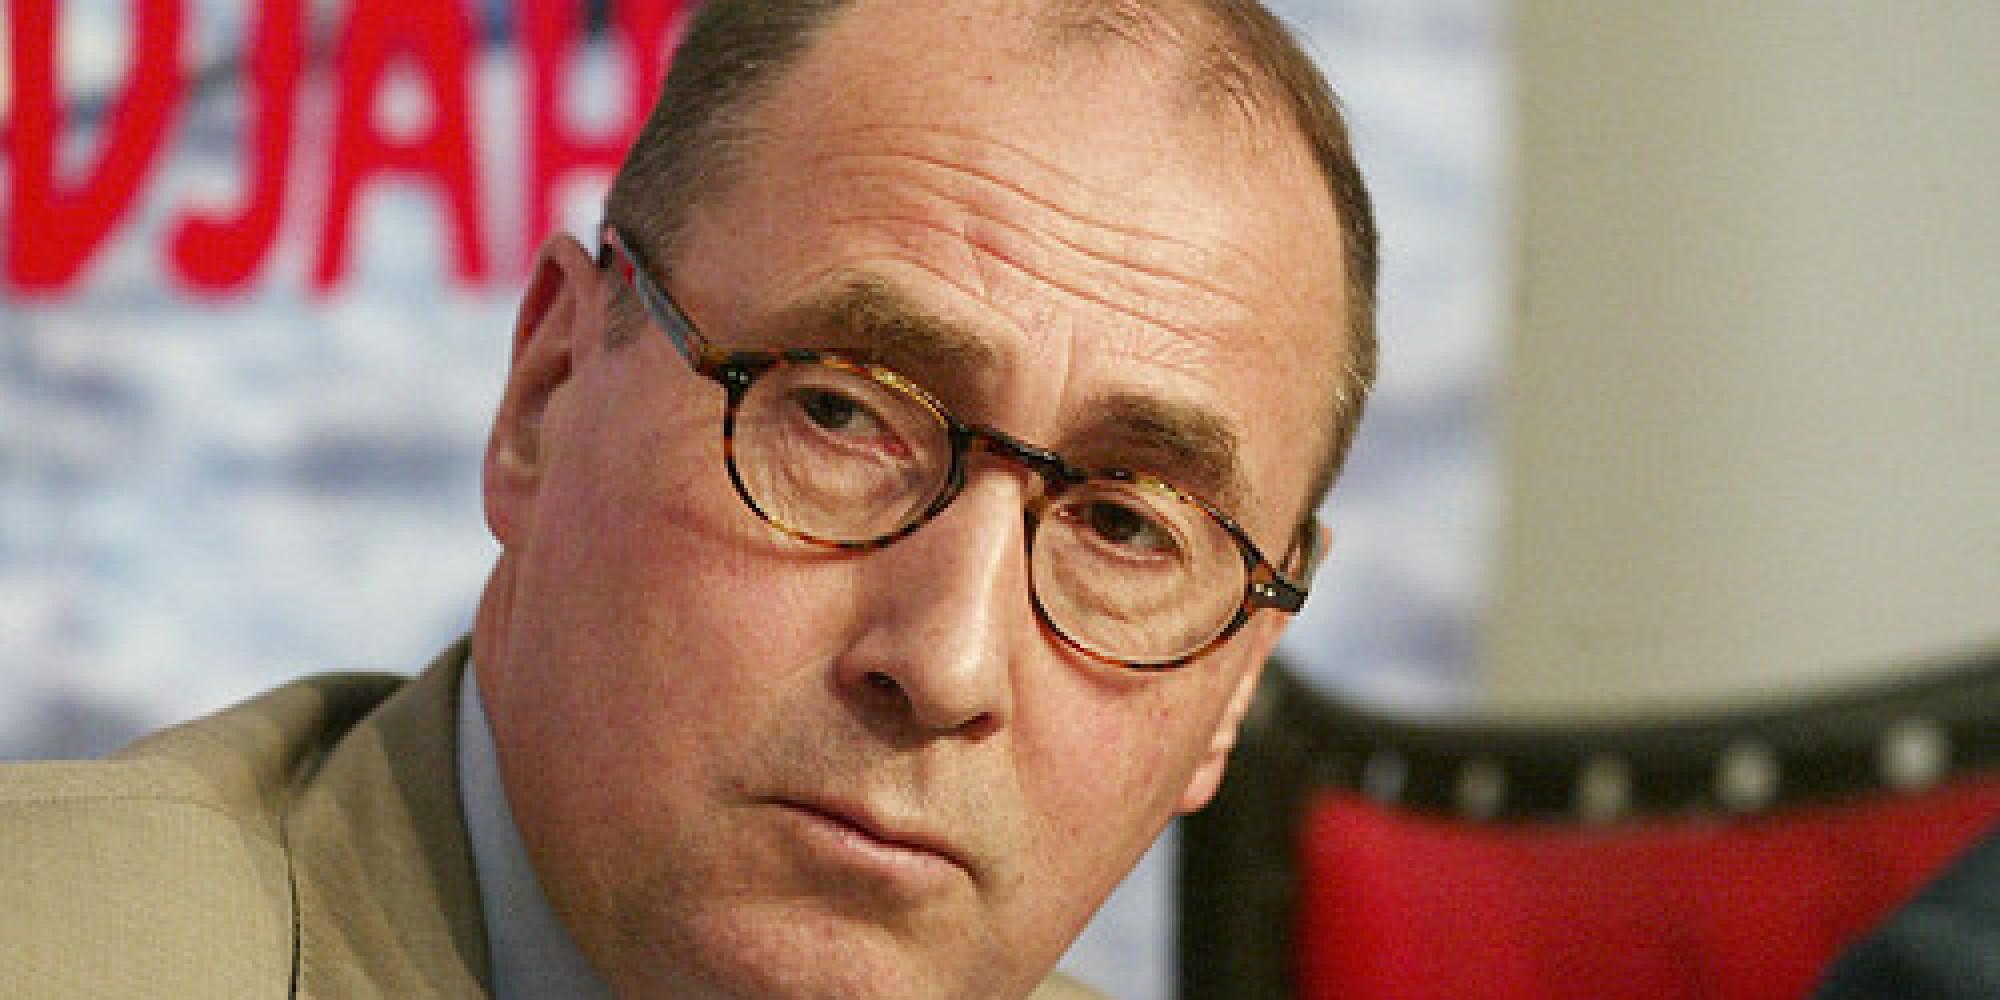 Xavier Driencourt officiellement (re)nommé ambassadeur de France